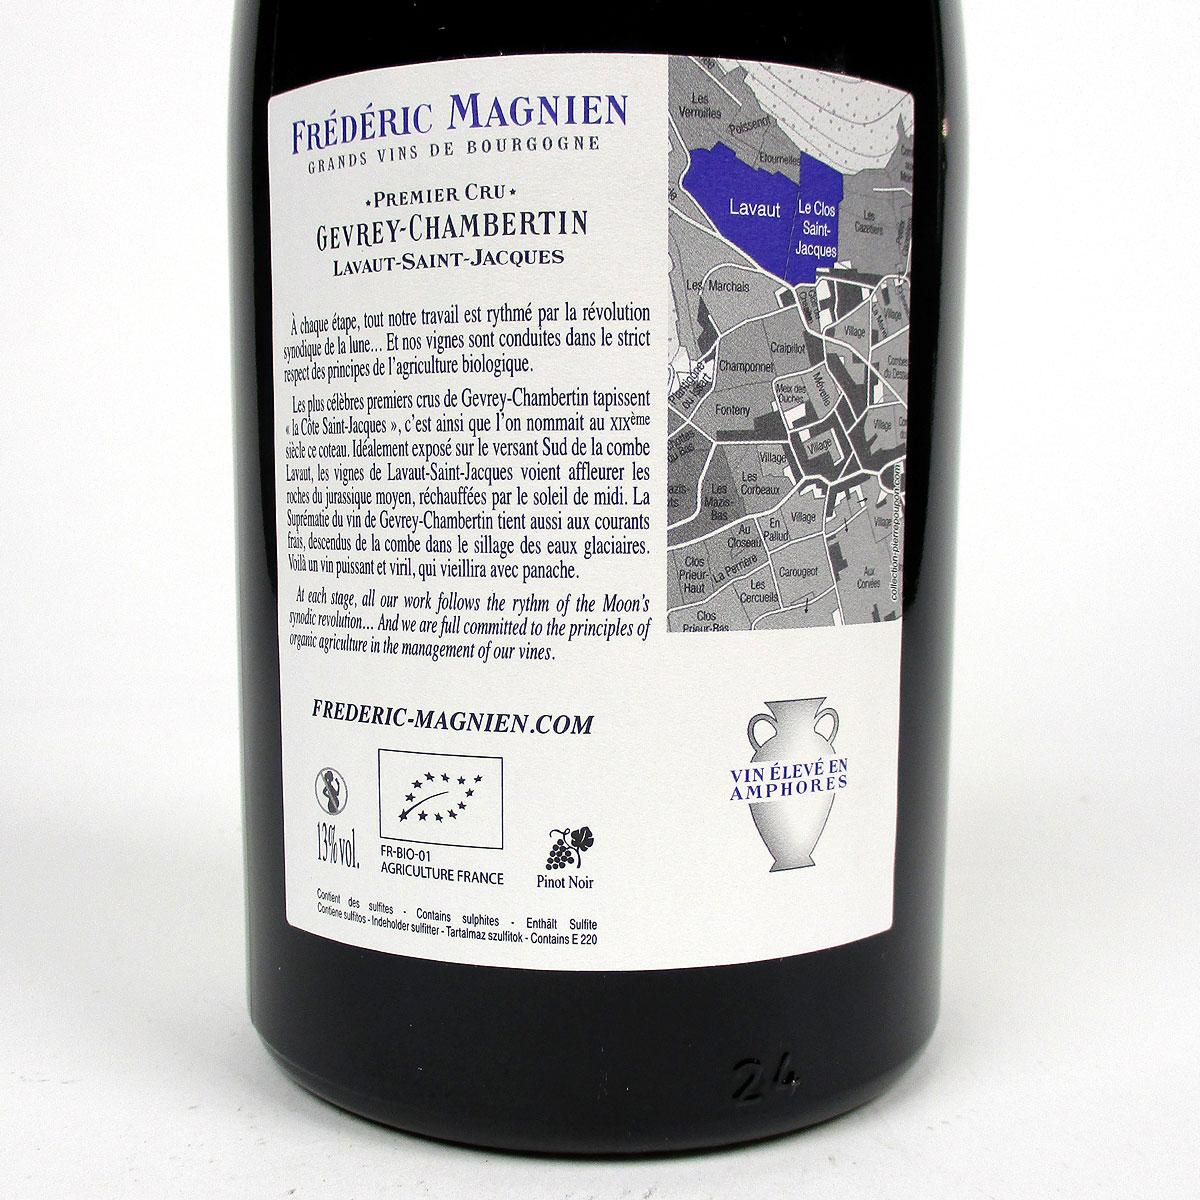 Gevrey-Chambertin: Frédéric Magnien 'Lavaut-Saint-Jacques' Premier Cru 2017 - Bottle Rear Label